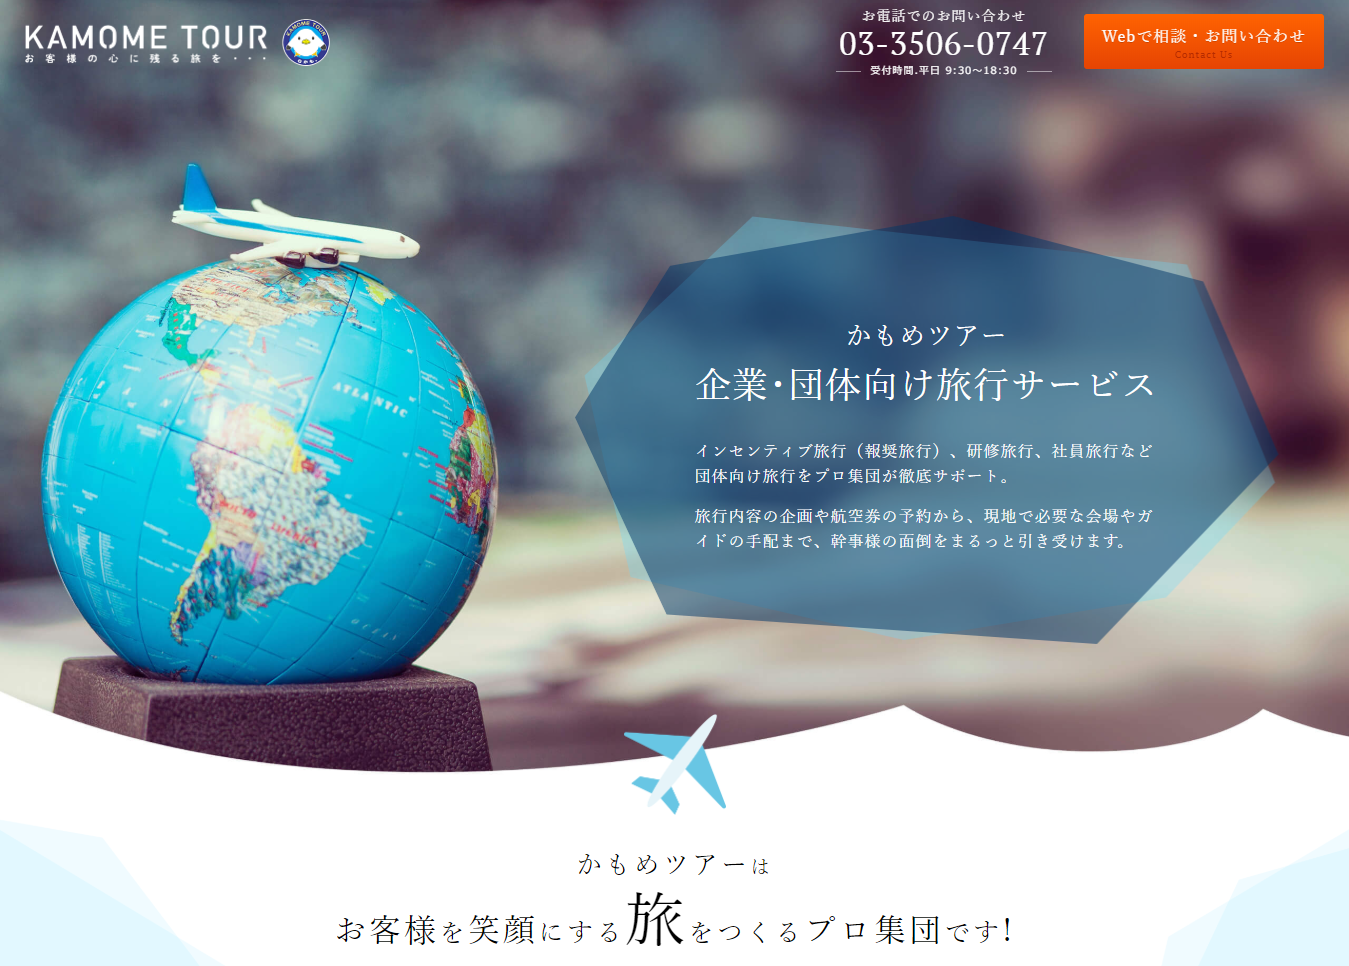 企業・団体向け旅行サービス